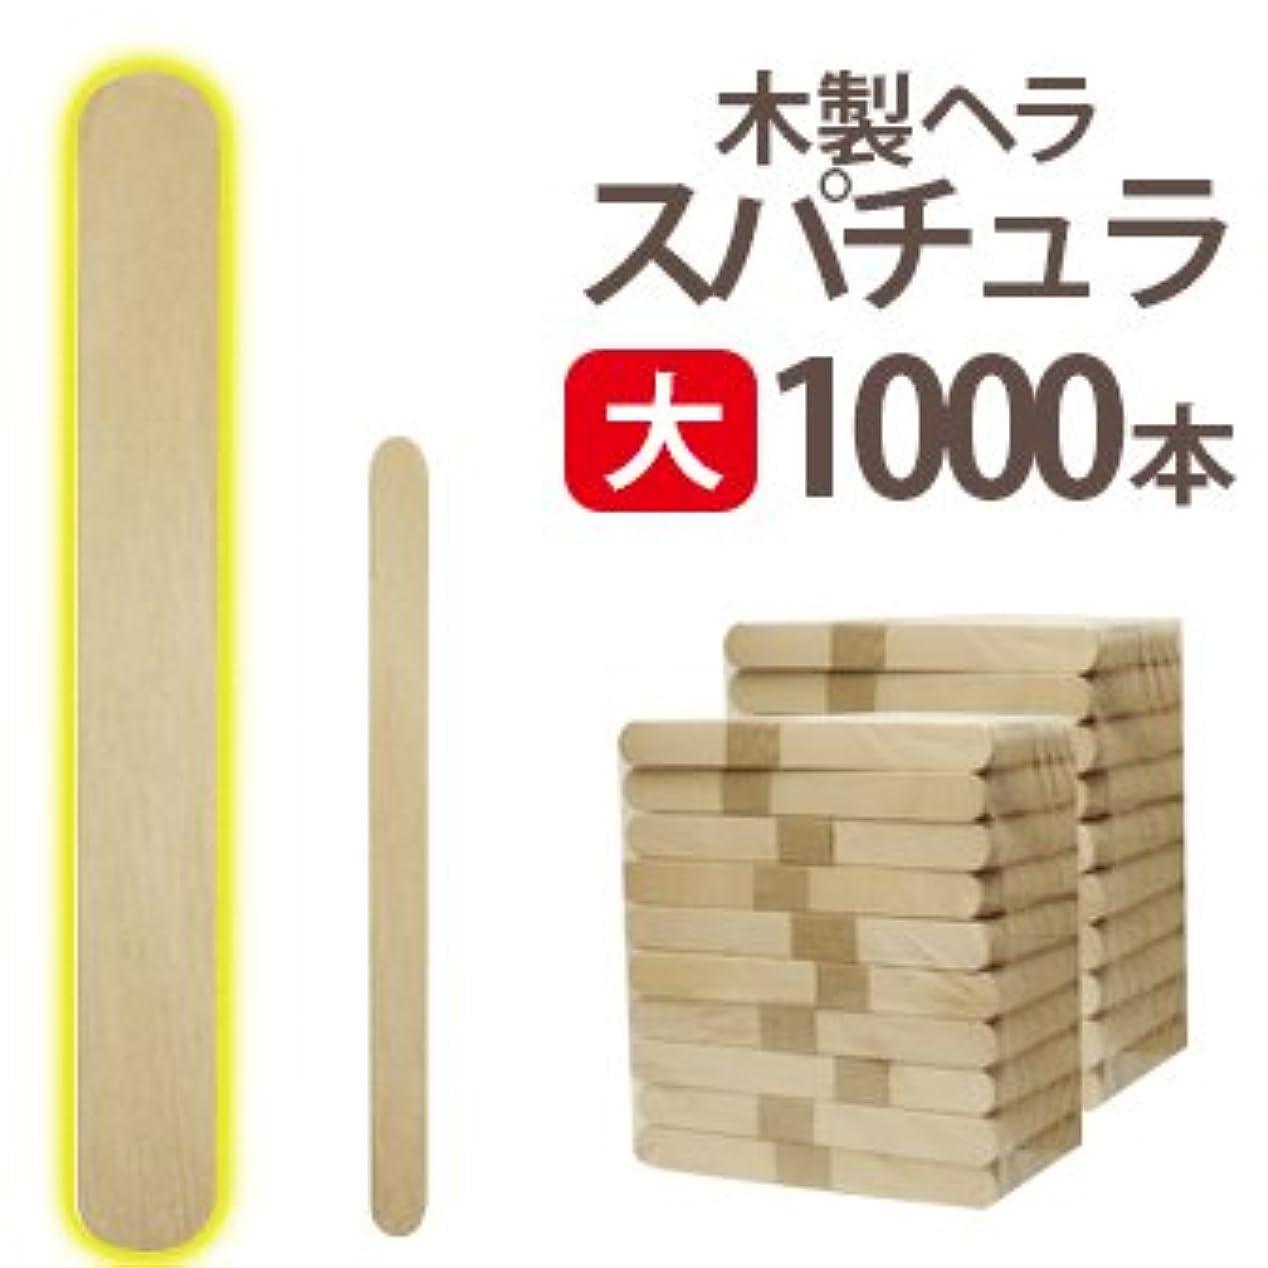 便宜奨励セーター大 ブラジリアンワックス 業務用1000本 スパチュラ Aタイプ(個別梱包なし 150×16)